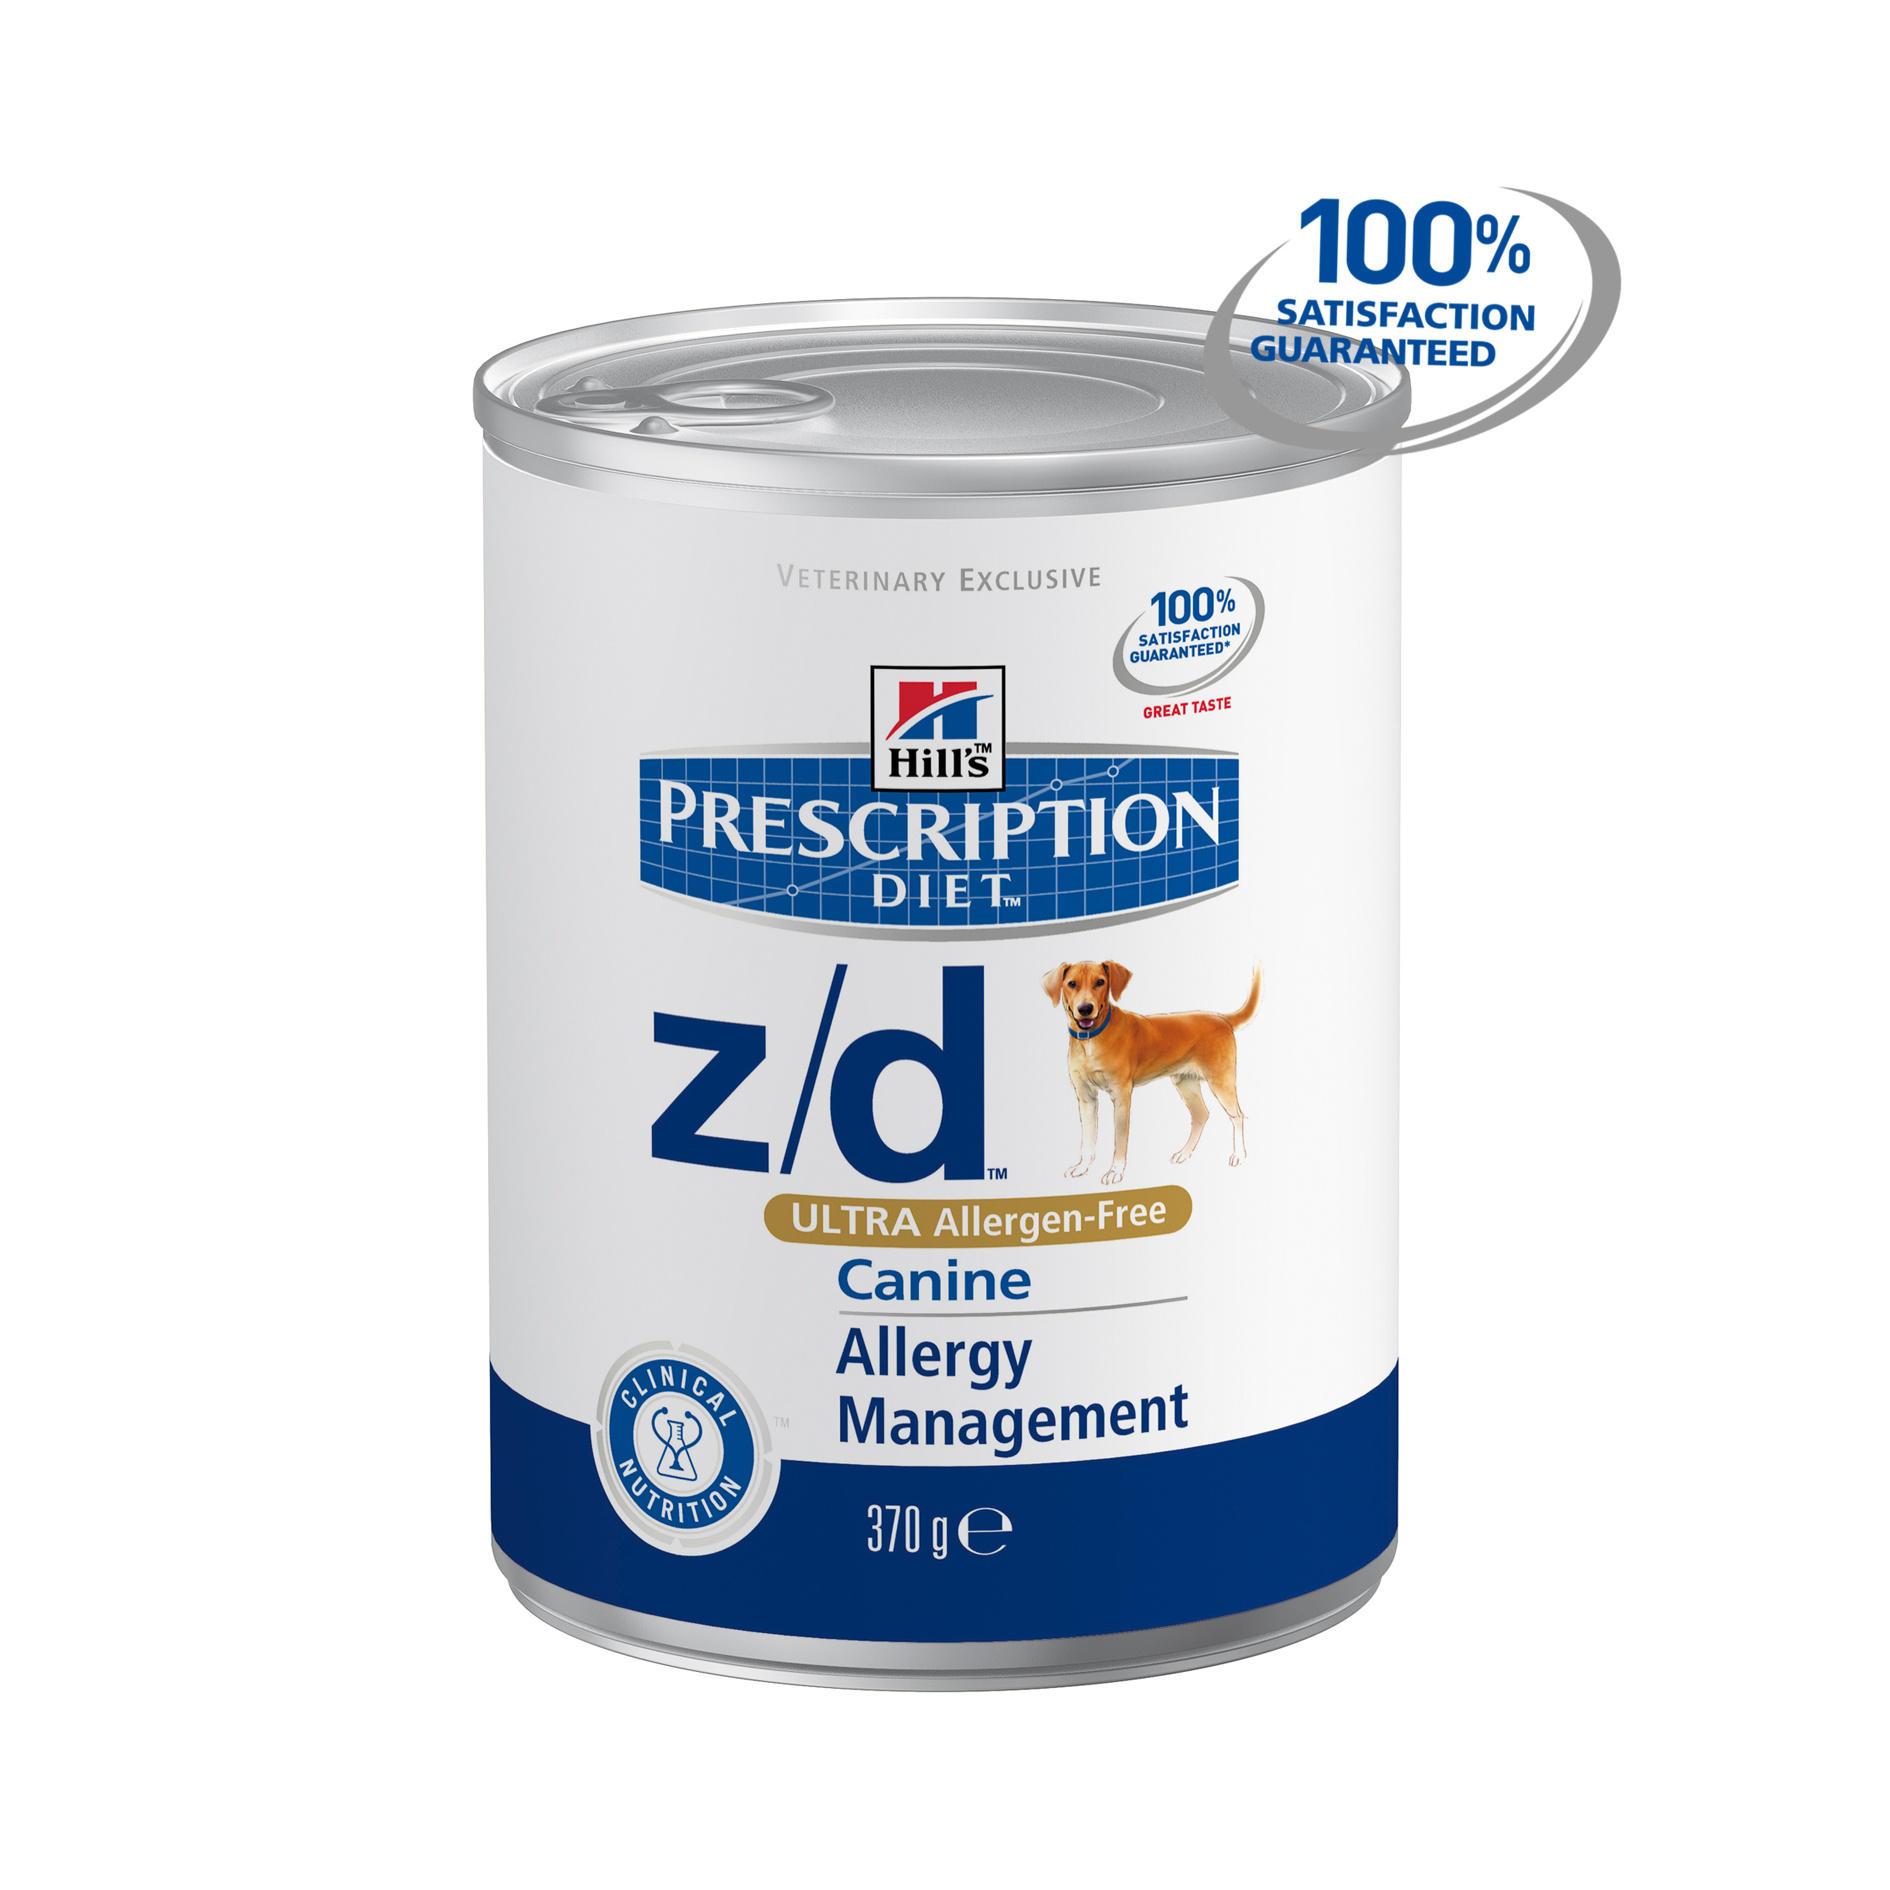 Hills Prescription Diet Puppy Food